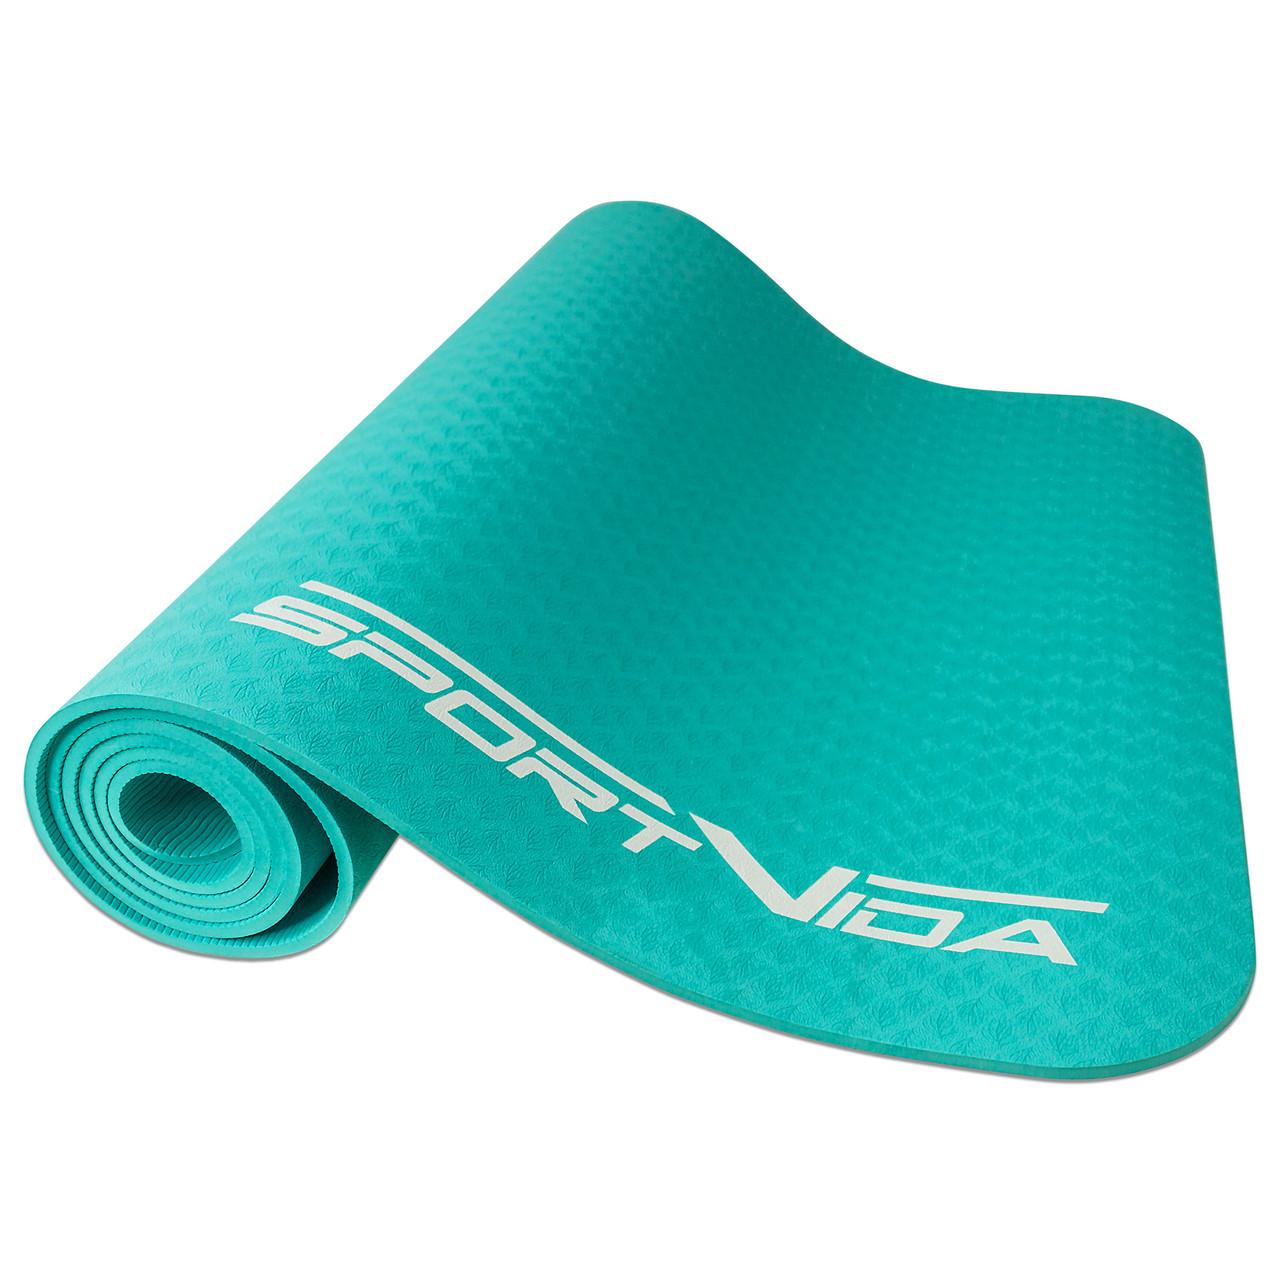 Коврик для йоги, фитнеса и тренировок SportVida TPE, толщина- 6 мм, цвет - мятный